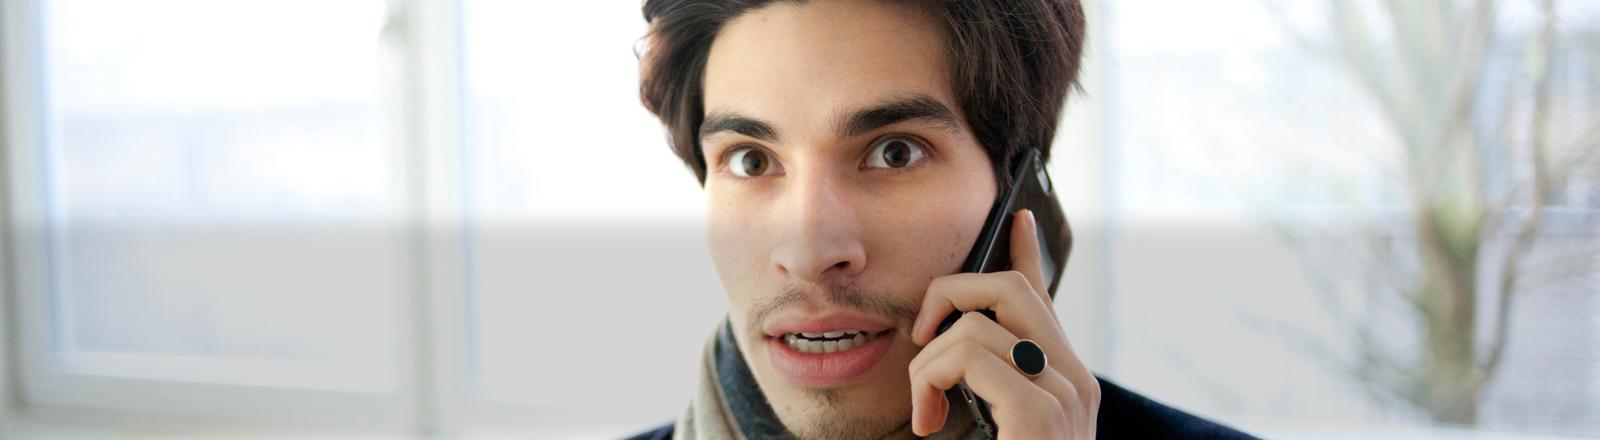 Ein Mann telefoniert mit seinem Smartphone.